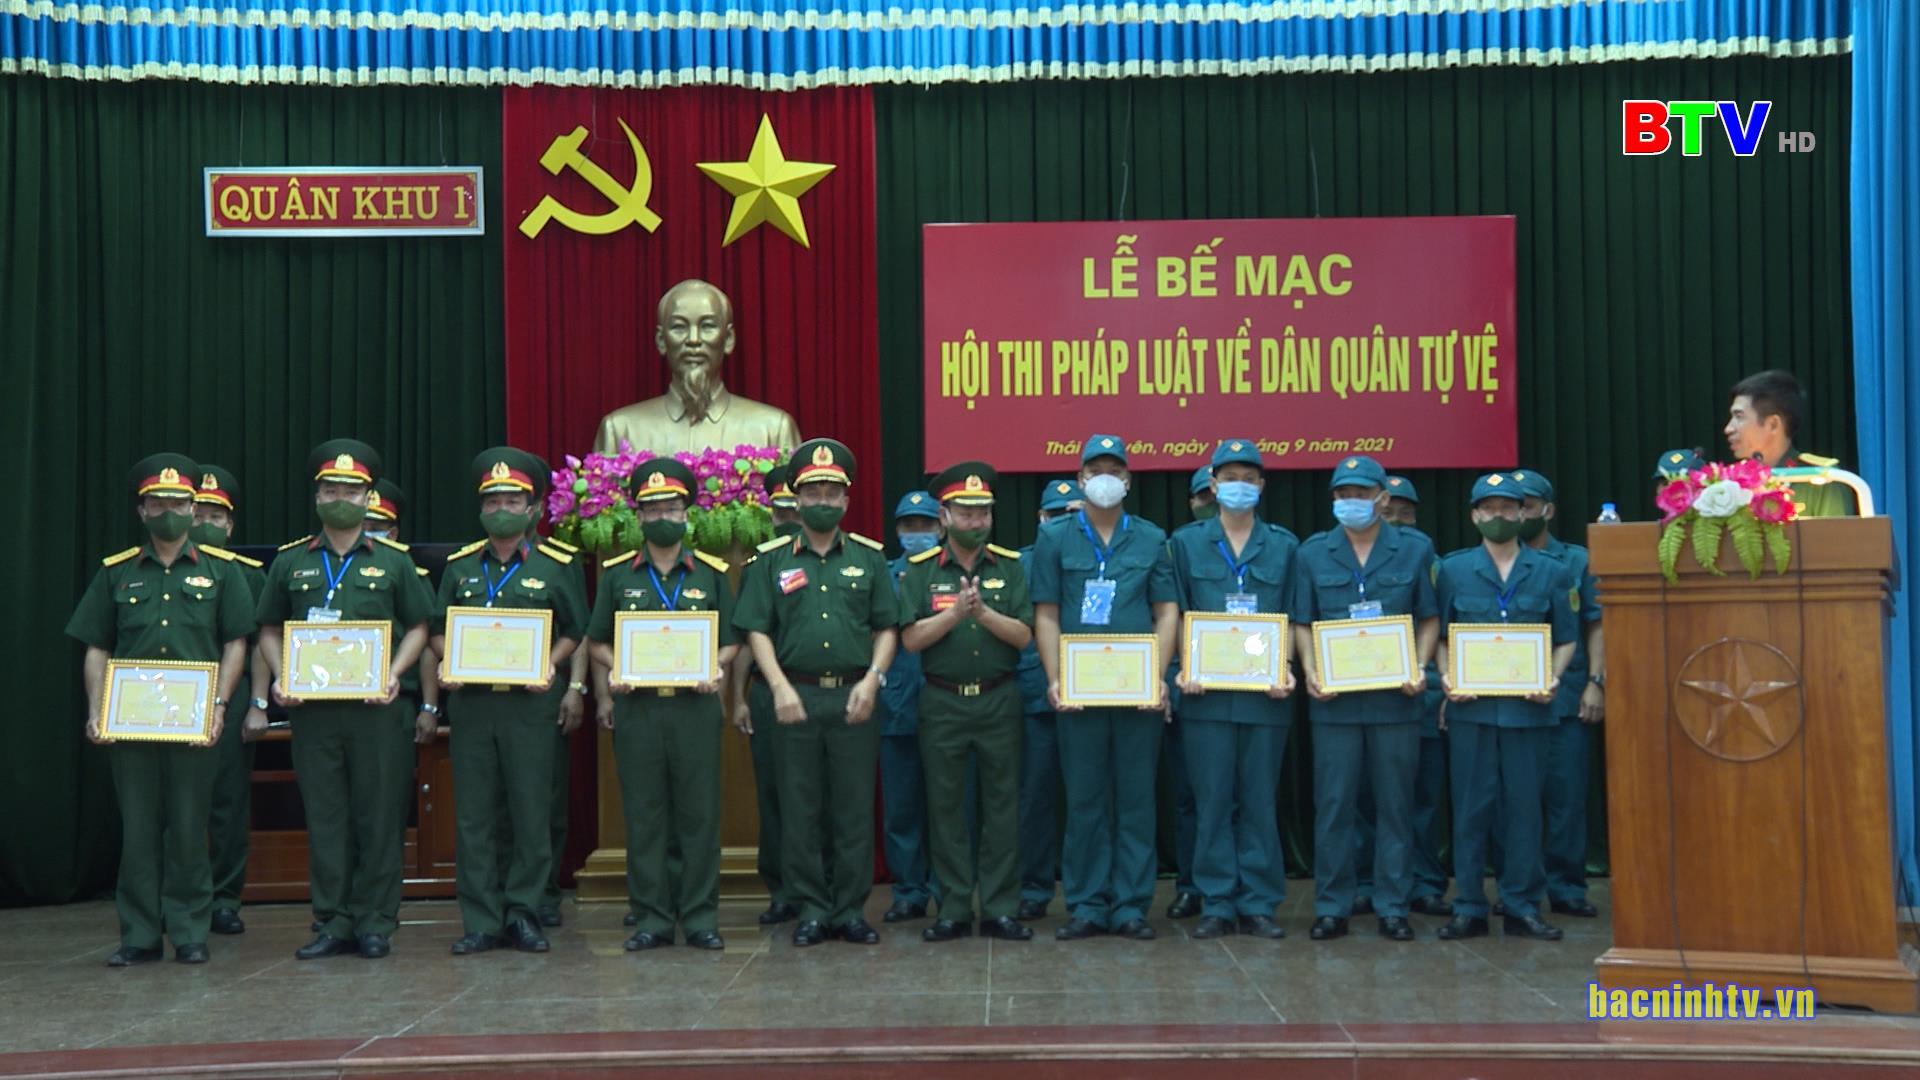 Đoàn Bộ CHQS tỉnh Bắc Ninh đạt giải Ba Hội thi Pháp luật về dân quân tự vệ năm 2021